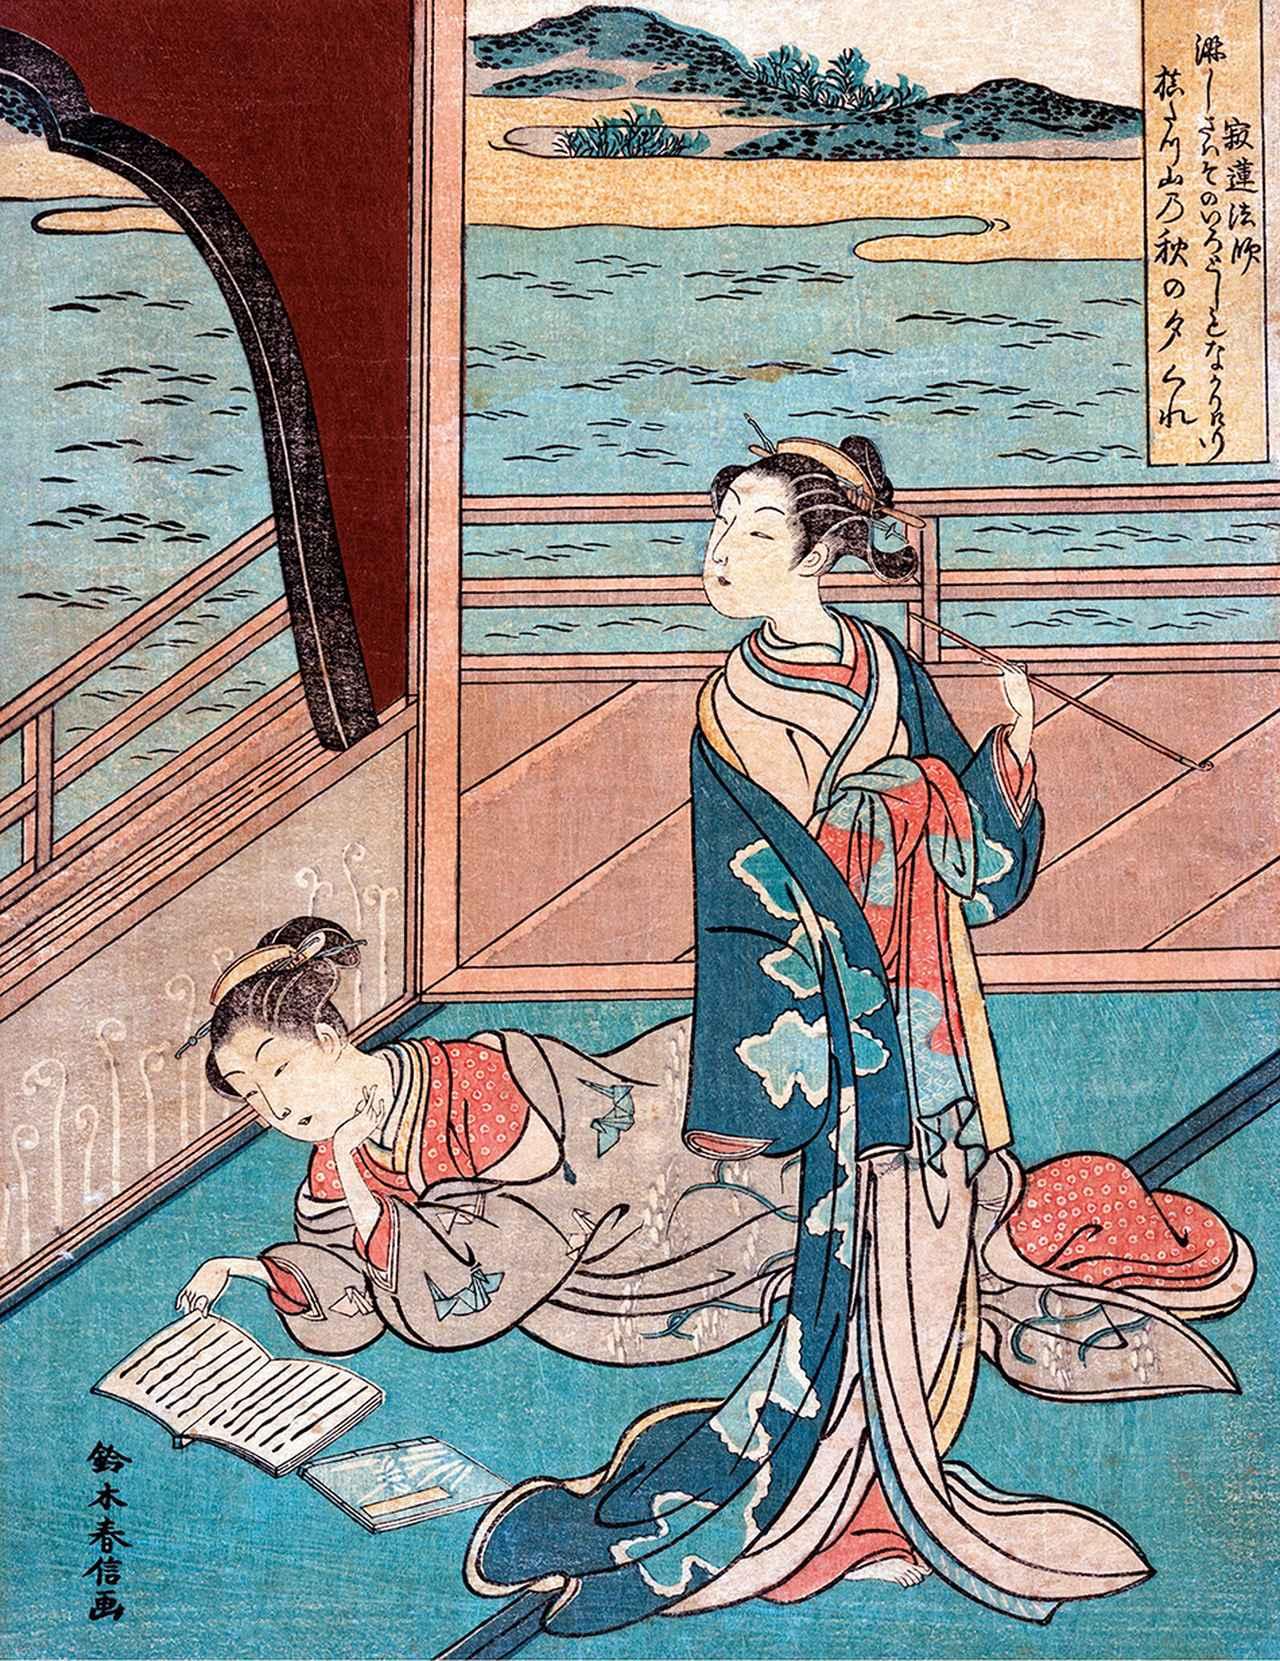 Images : 7番目の画像 - 「ヴェロニカ・エトロの 世界を織りなす さまざまな要素」のアルバム - T JAPAN:The New York Times Style Magazine 公式サイト